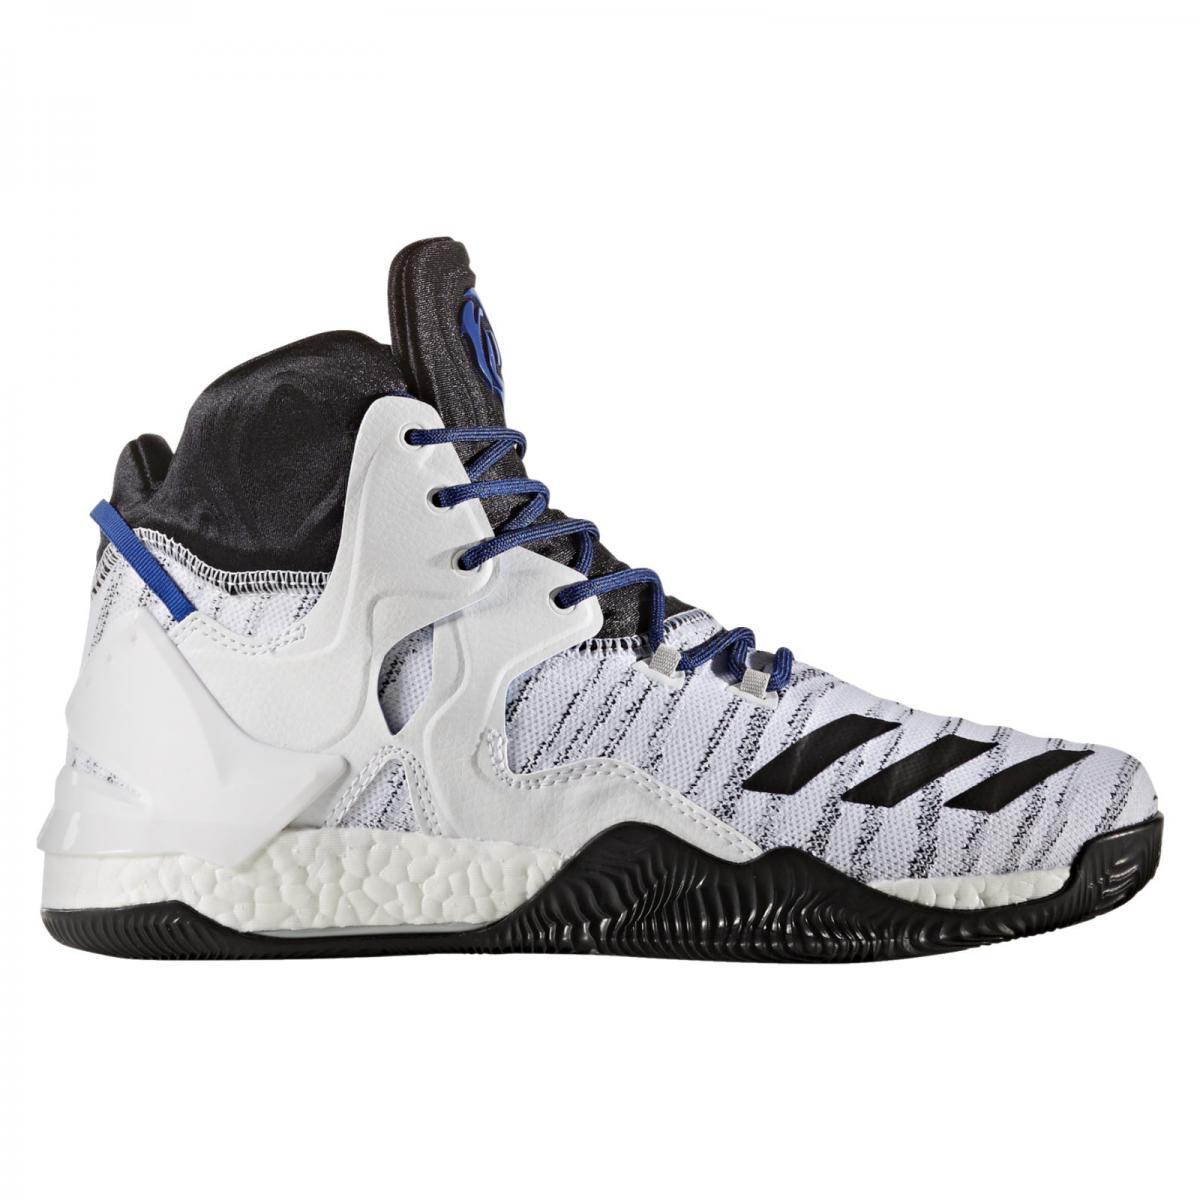 adidas D Rose 7 Primeknit Basketballschuhe für 99,90 Euro auf Ballside